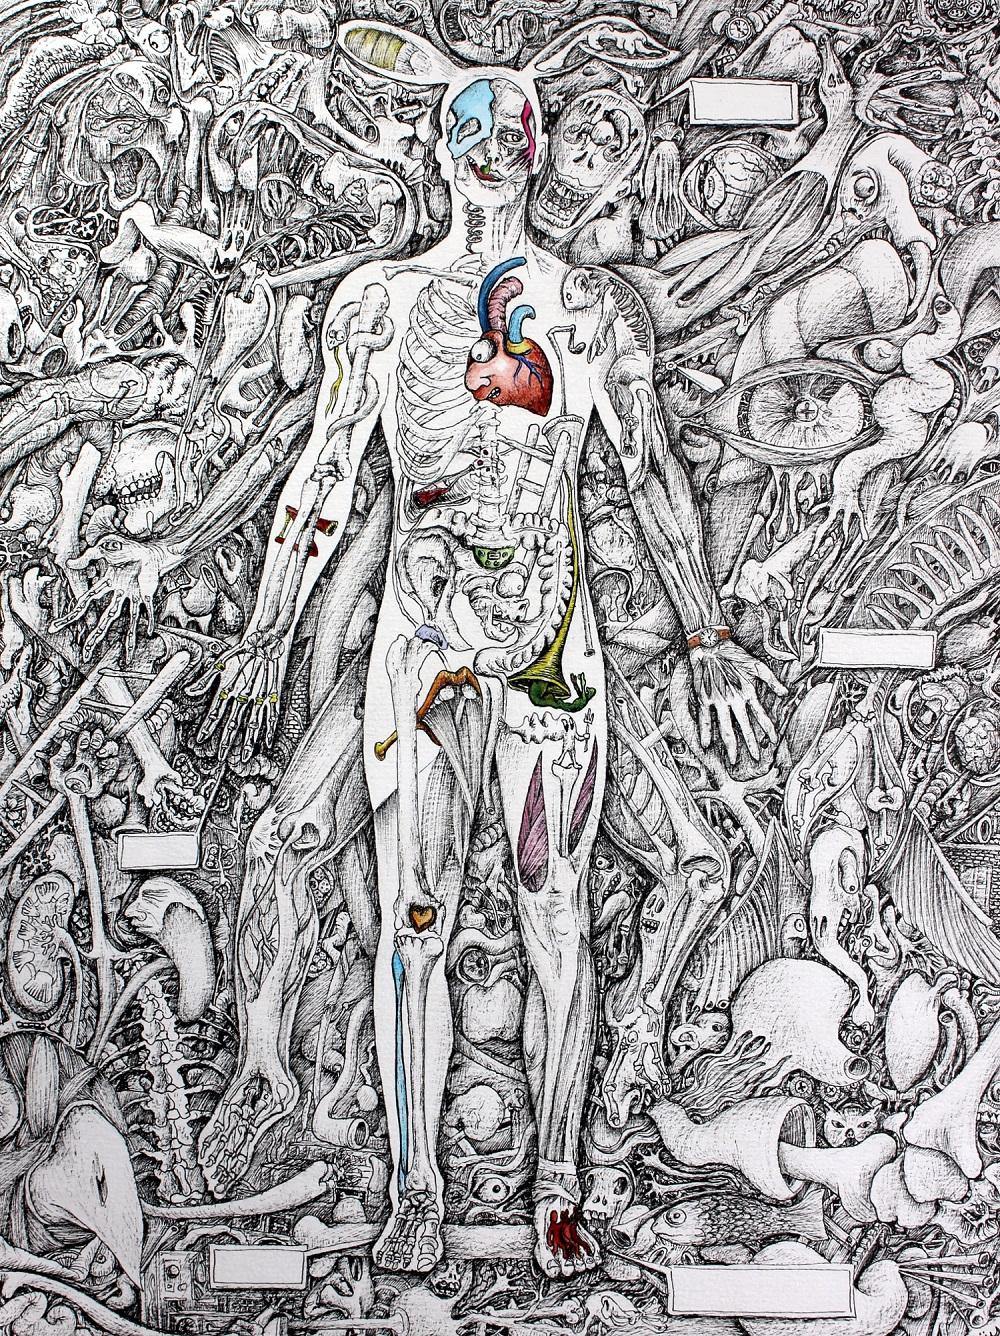 aneatomique-24-x-32-cm-stylo-aquarellepapier